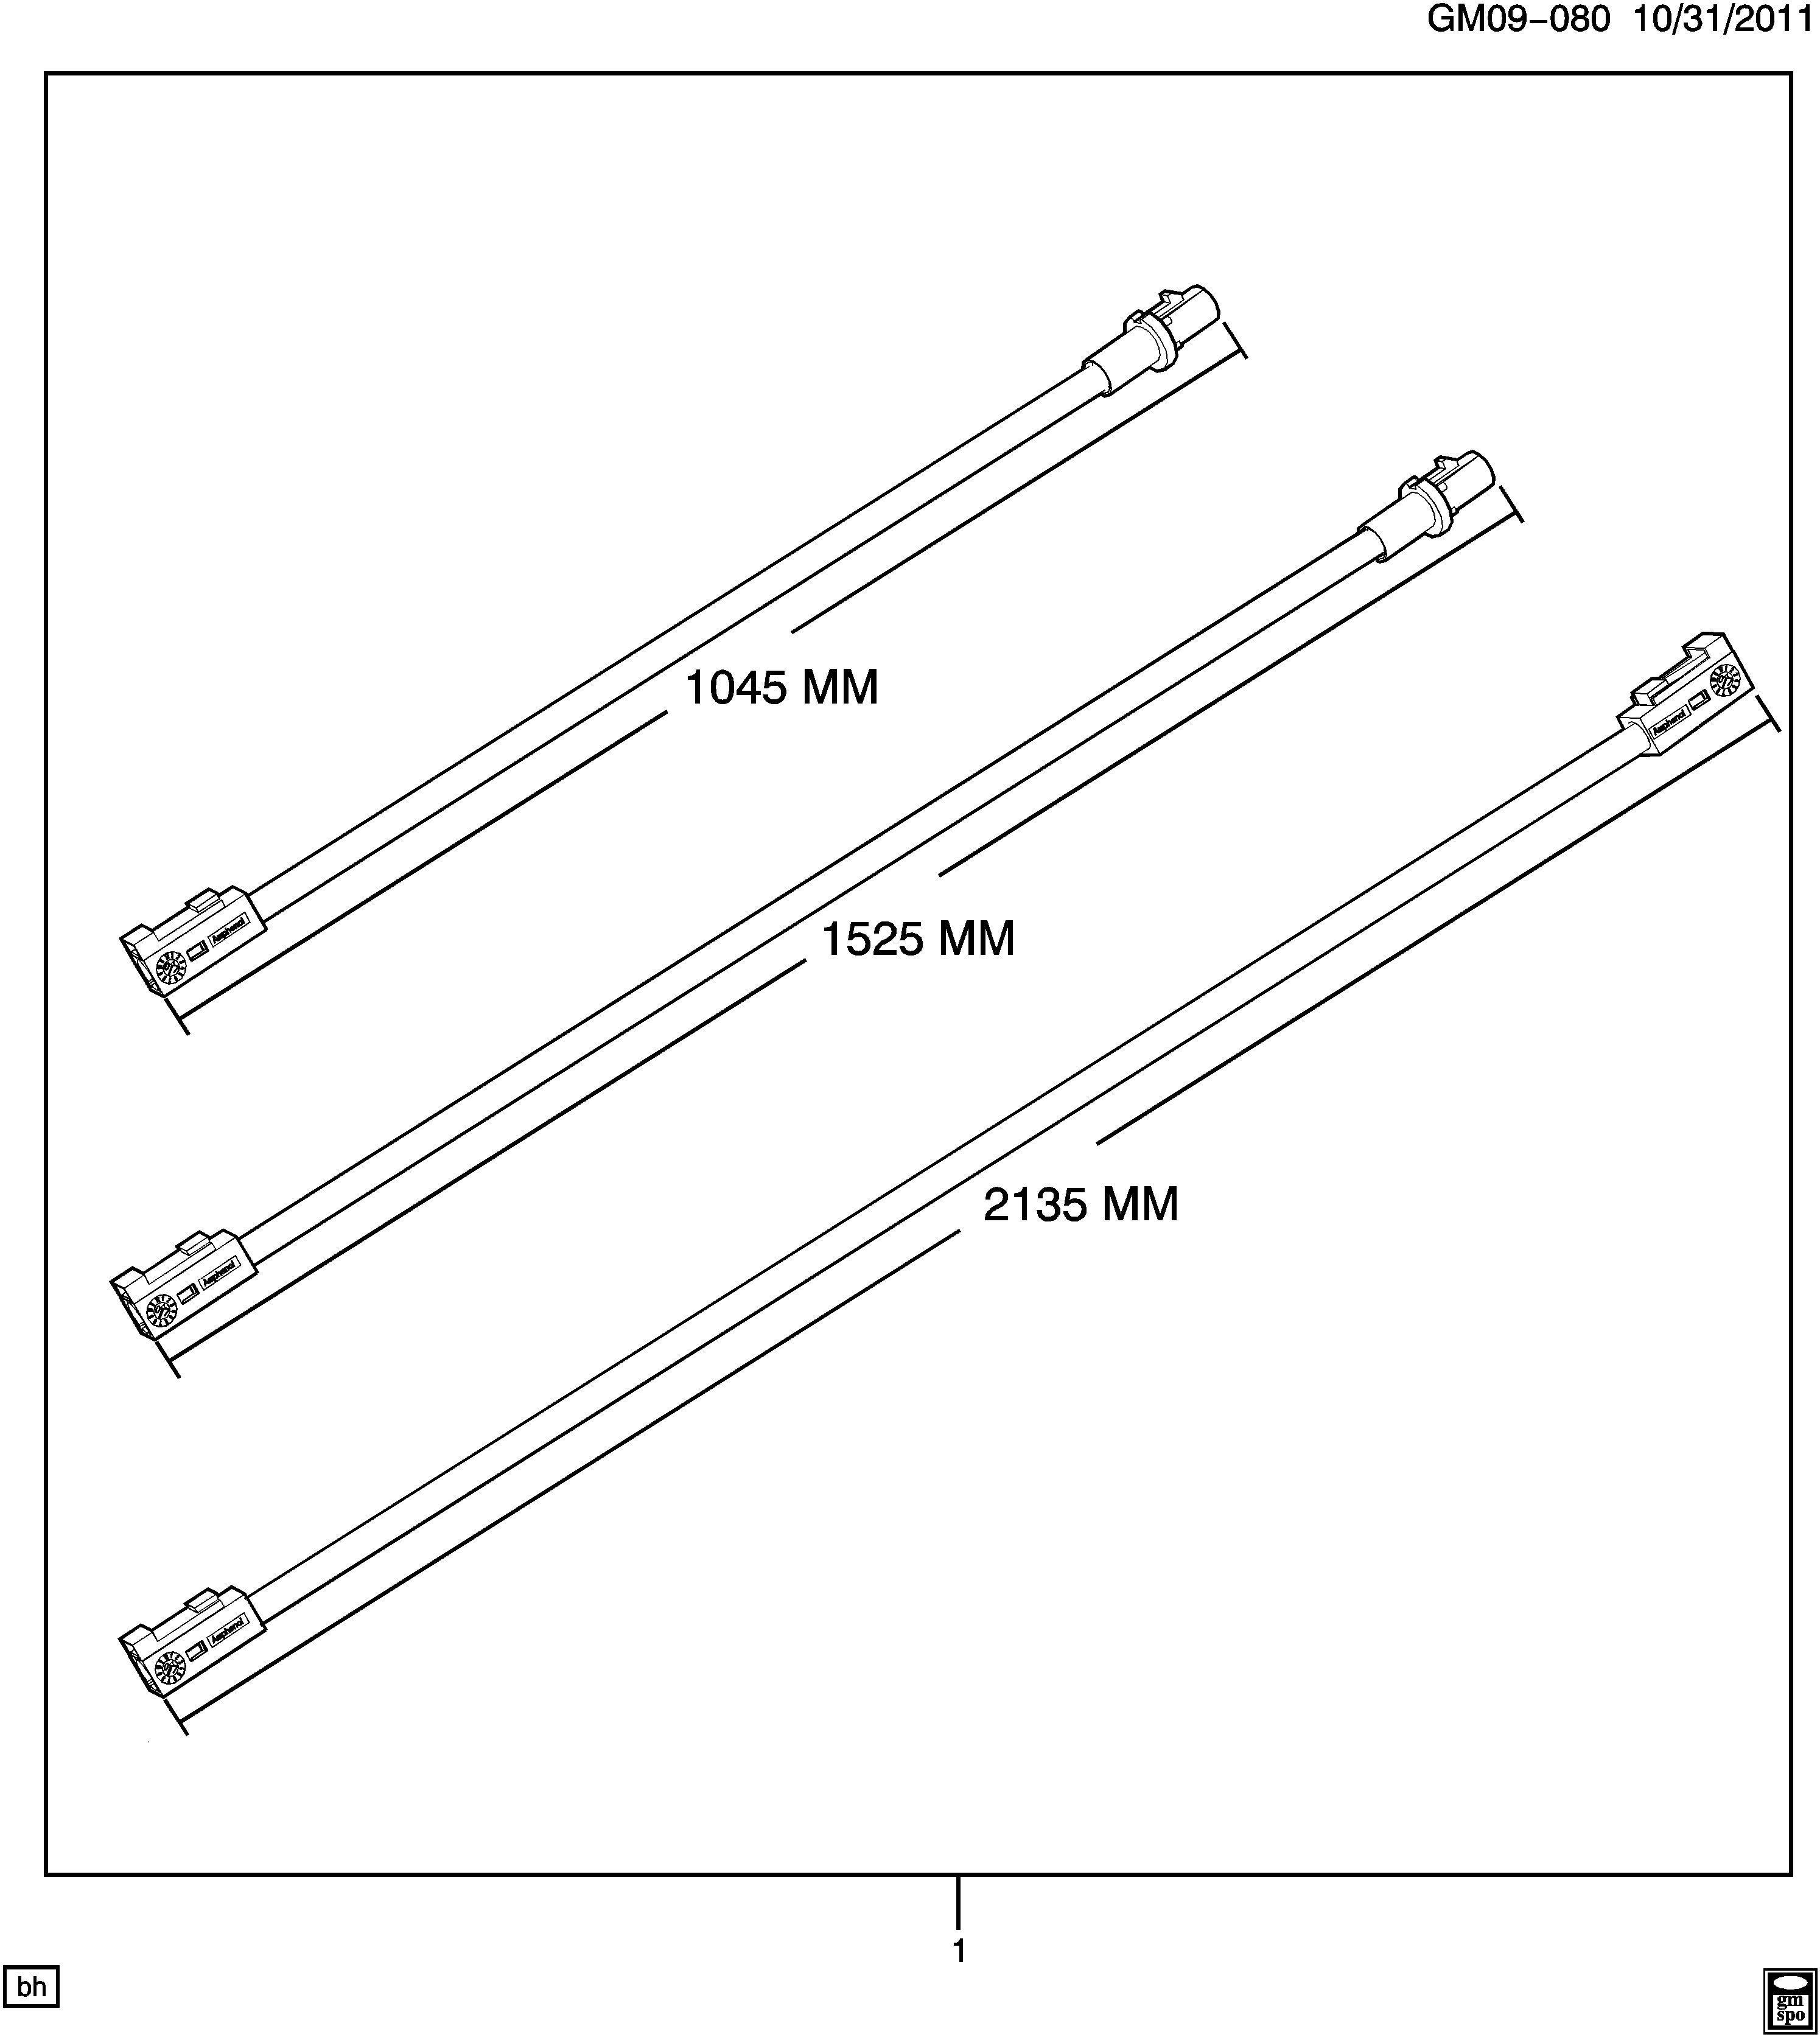 Cadillac CTS Cable kit. Radio antenna. Vehicle navigation